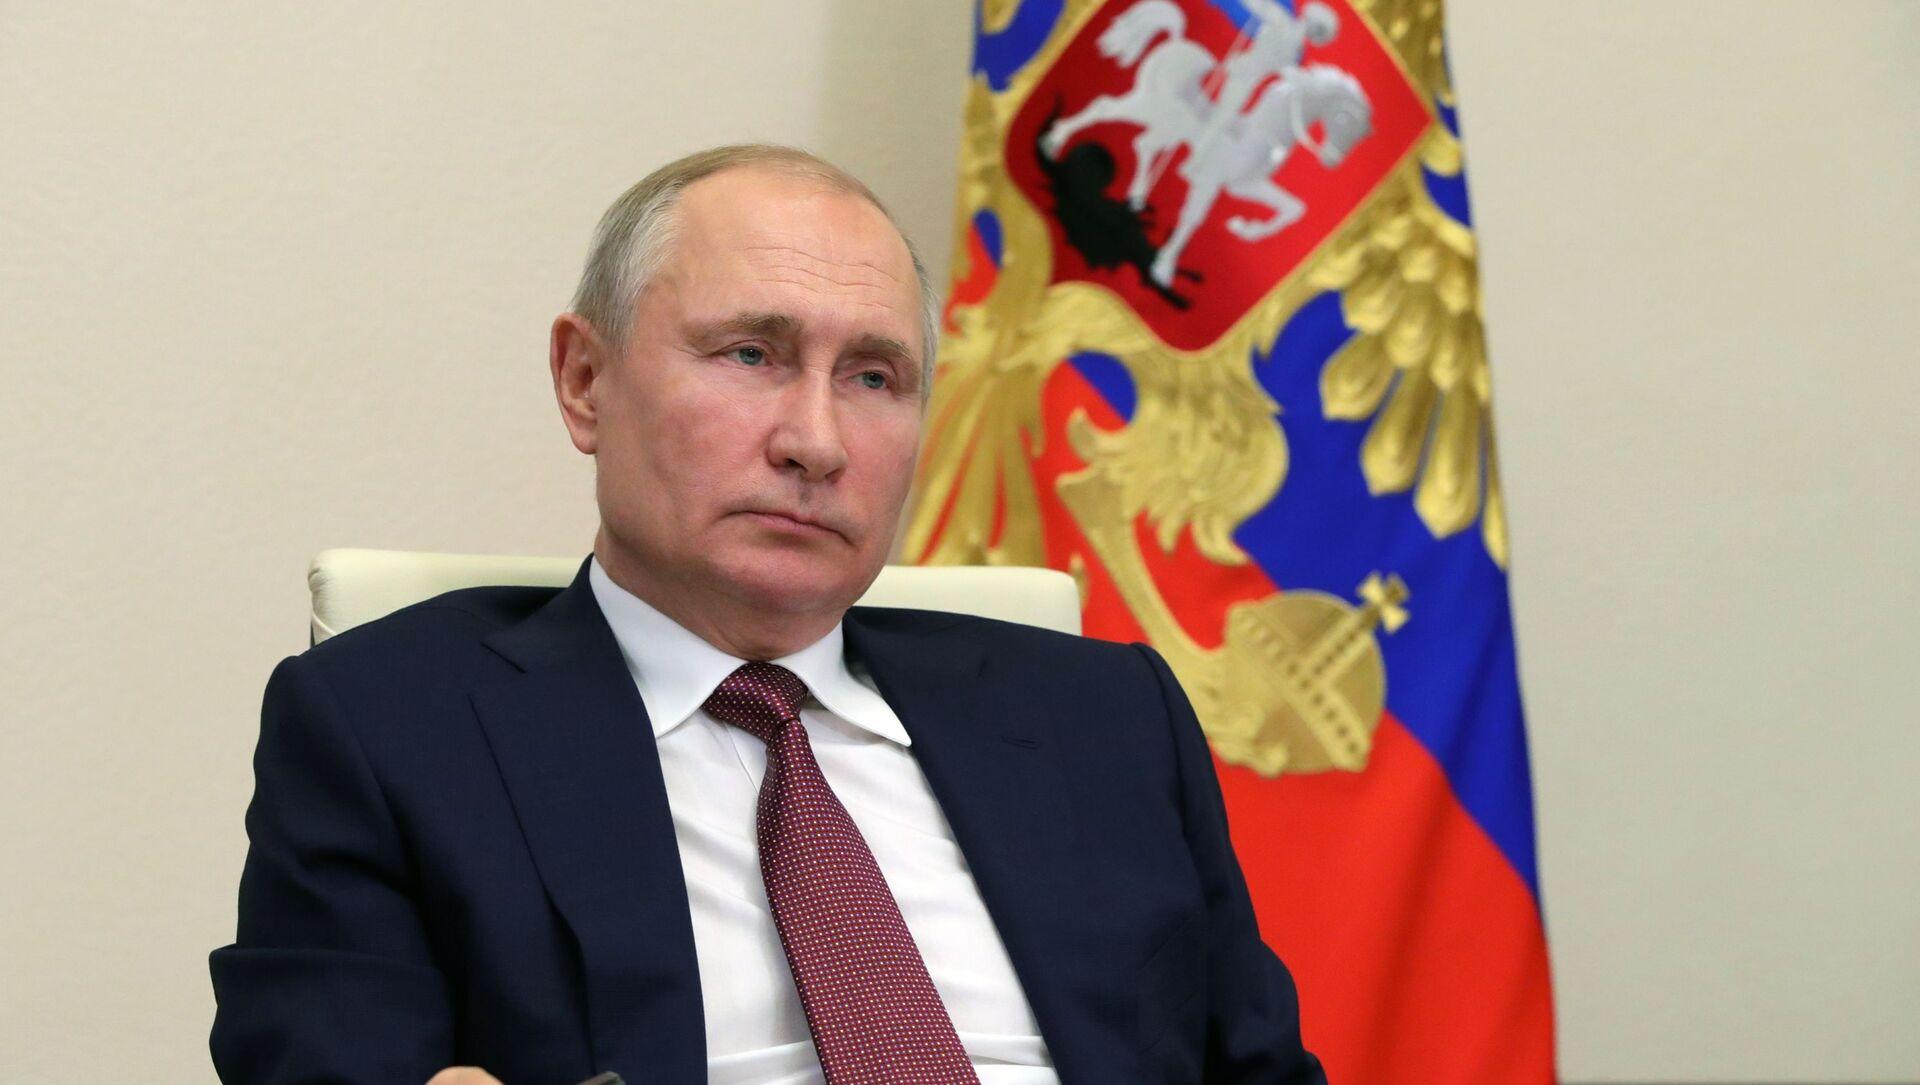 Президент РФ В. Путин провел совещание с членами правительства РФ - Sputnik Аҧсны, 1920, 05.09.2021